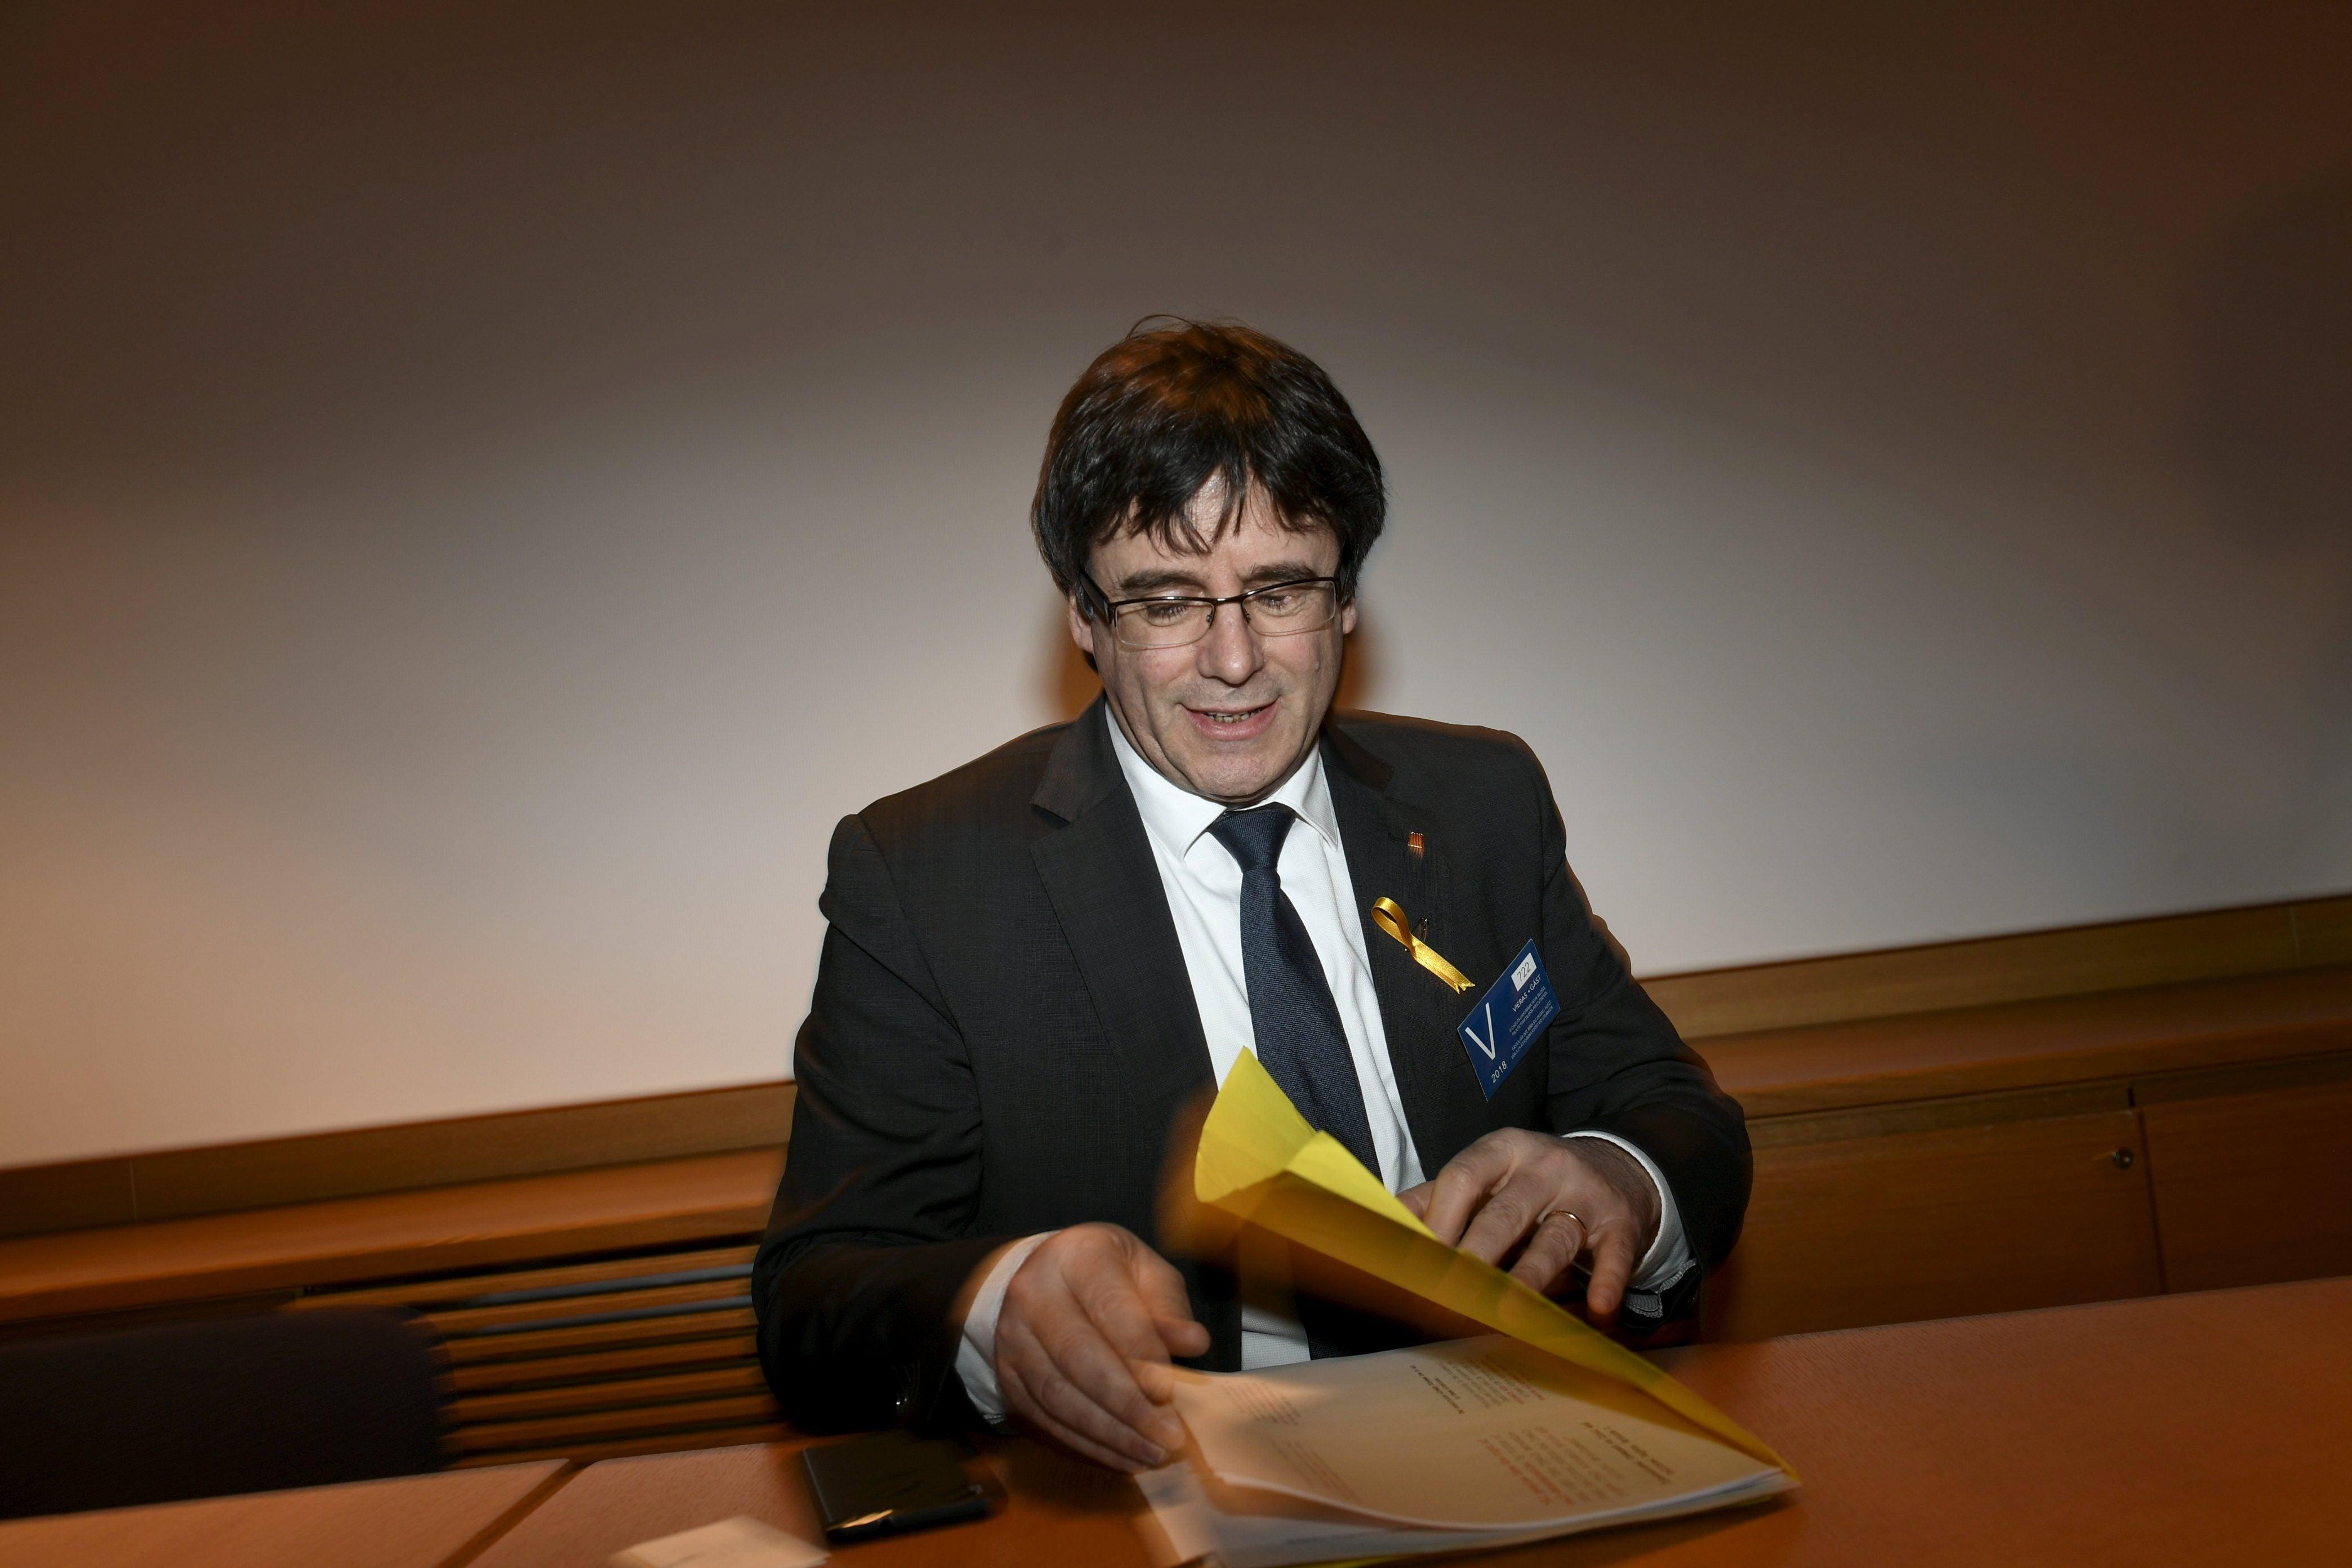 Catalunha. Justiça alemã deixa Puigdemont em liberdade e descarta crime de rebelião